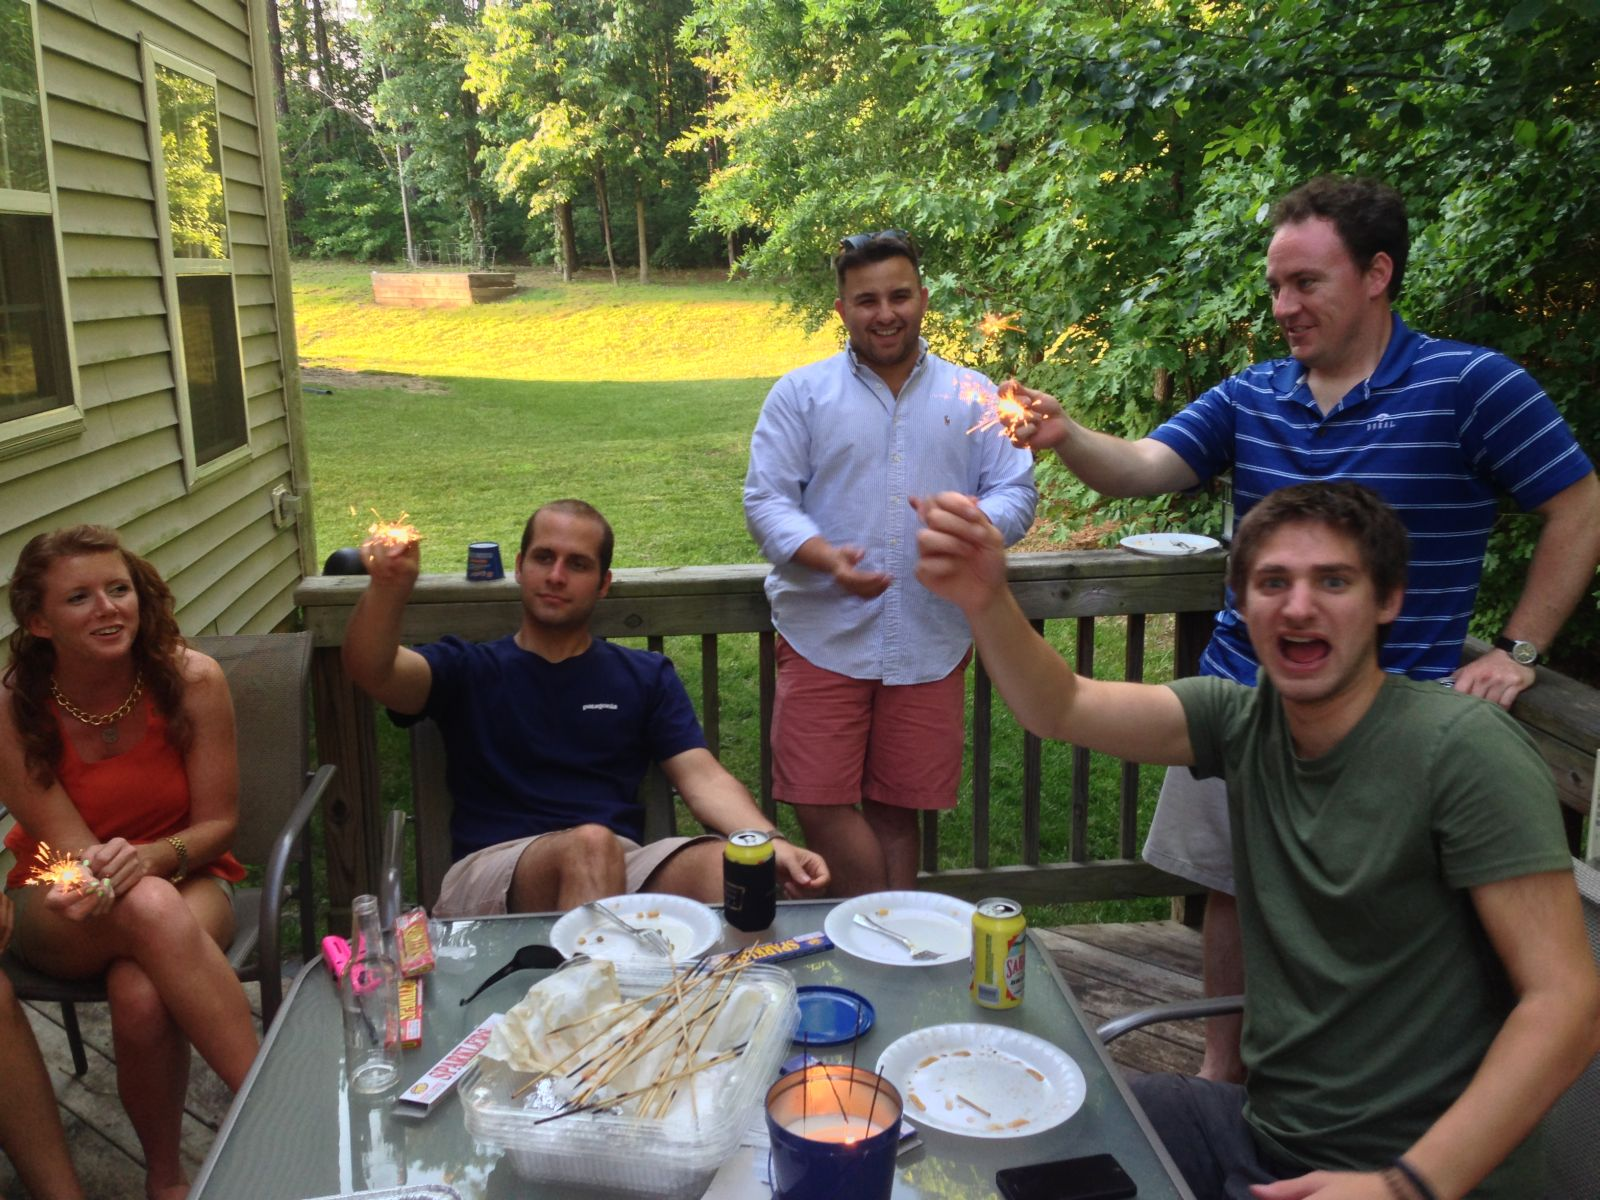 Von links: Lauren, Reed, Joe, Jimmy (in blau), Jeff (in gruen)